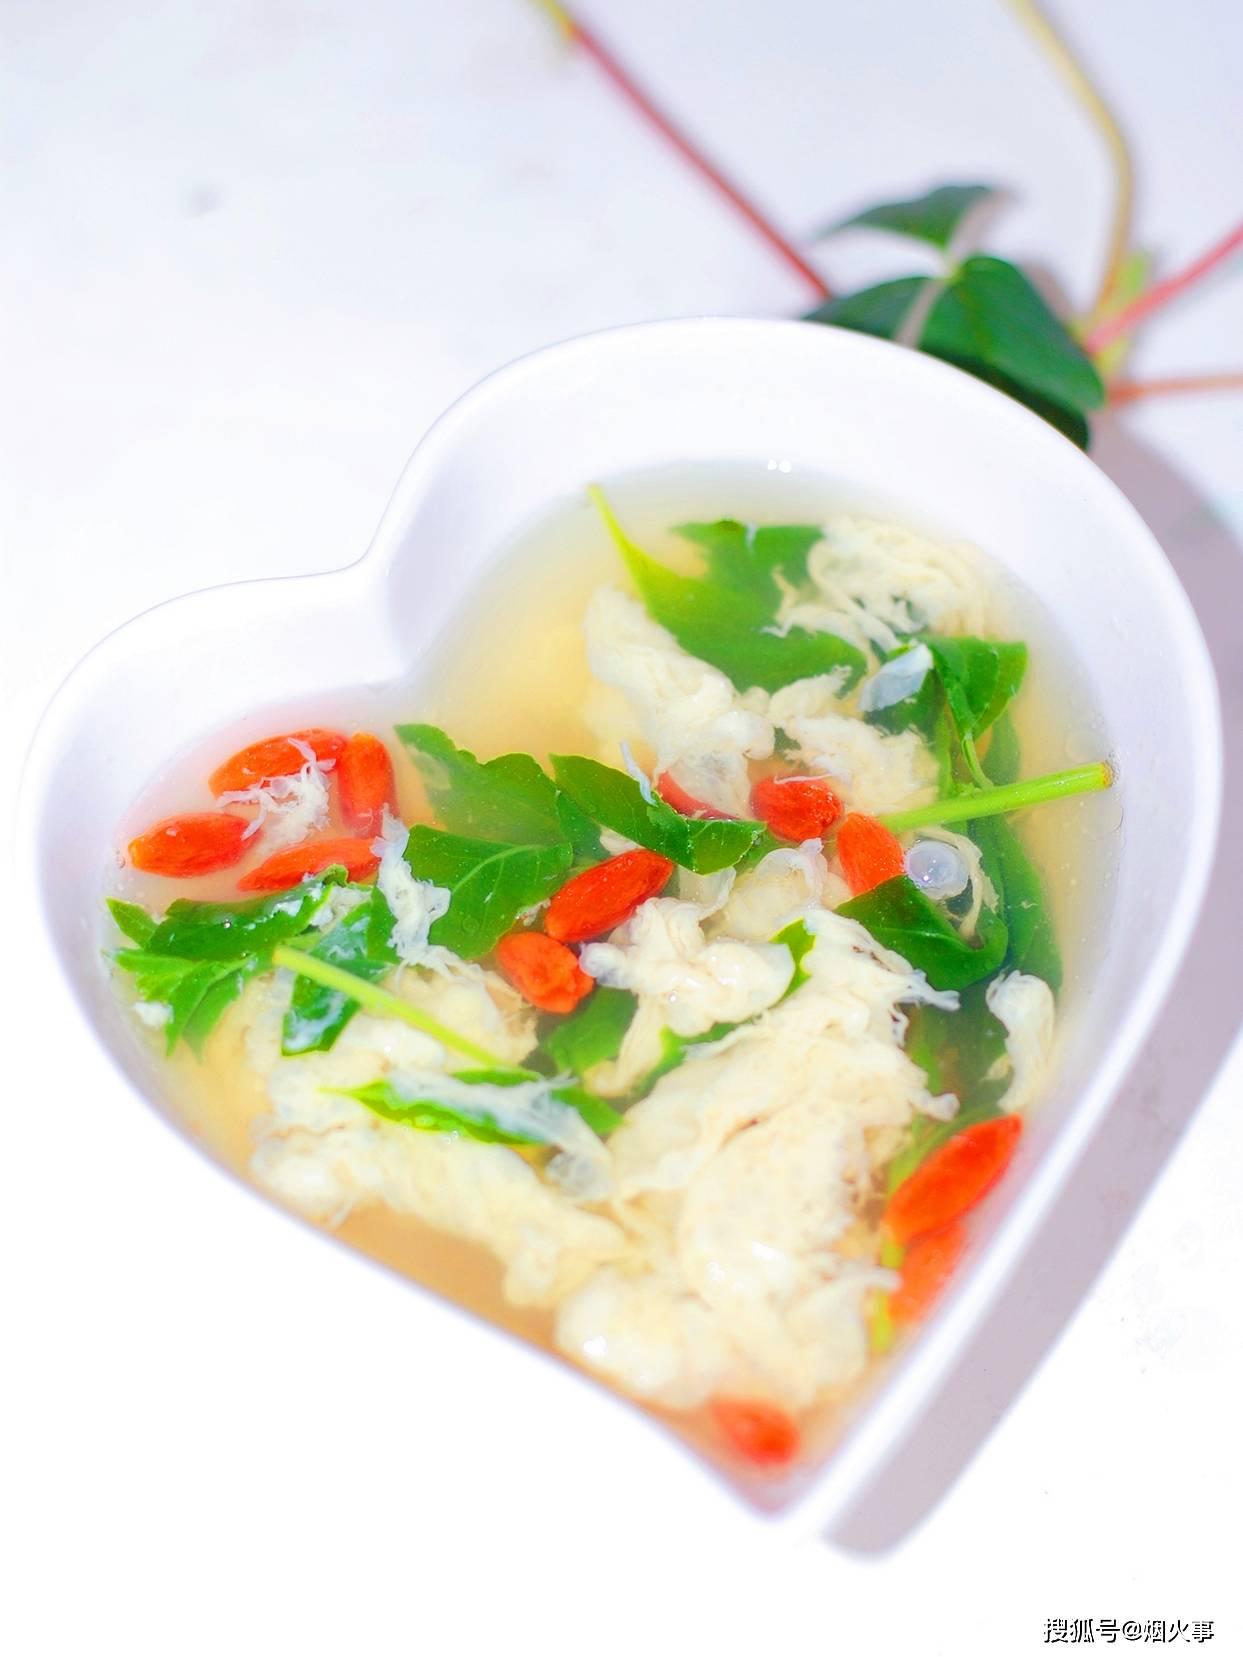 春天记得多煮这汤给家人喝,做法简单,营养丰富,家人多喝都受益